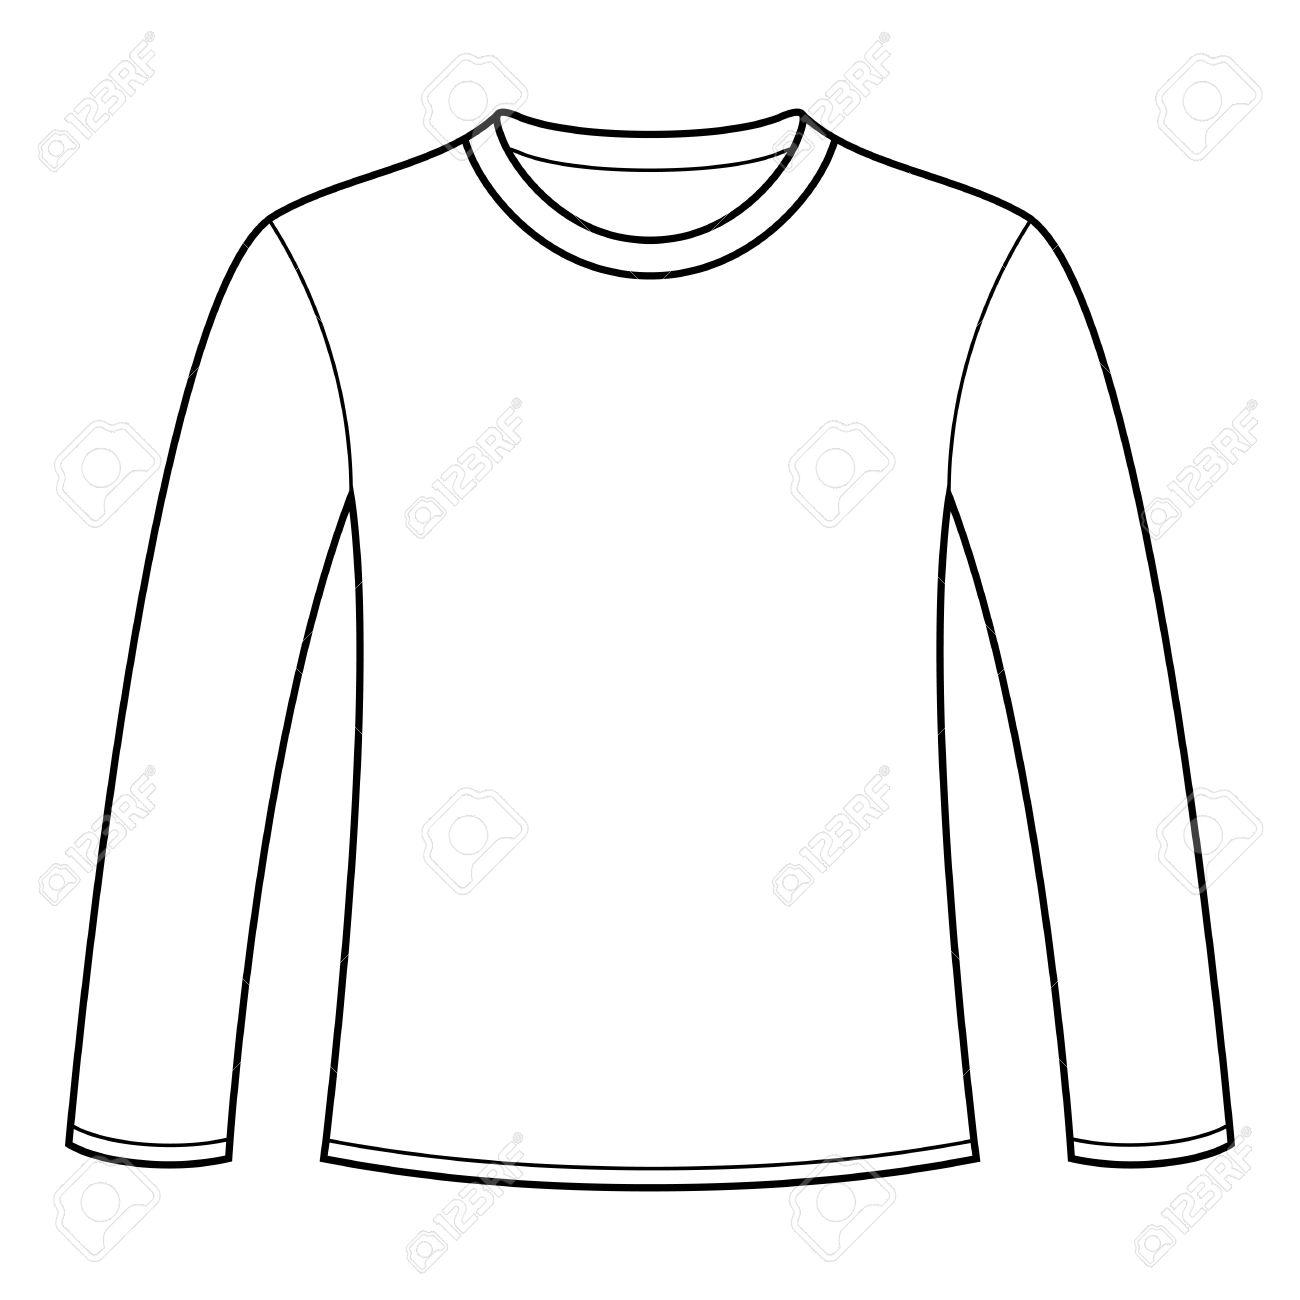 hight resolution of 1300x1300 shirt clip art